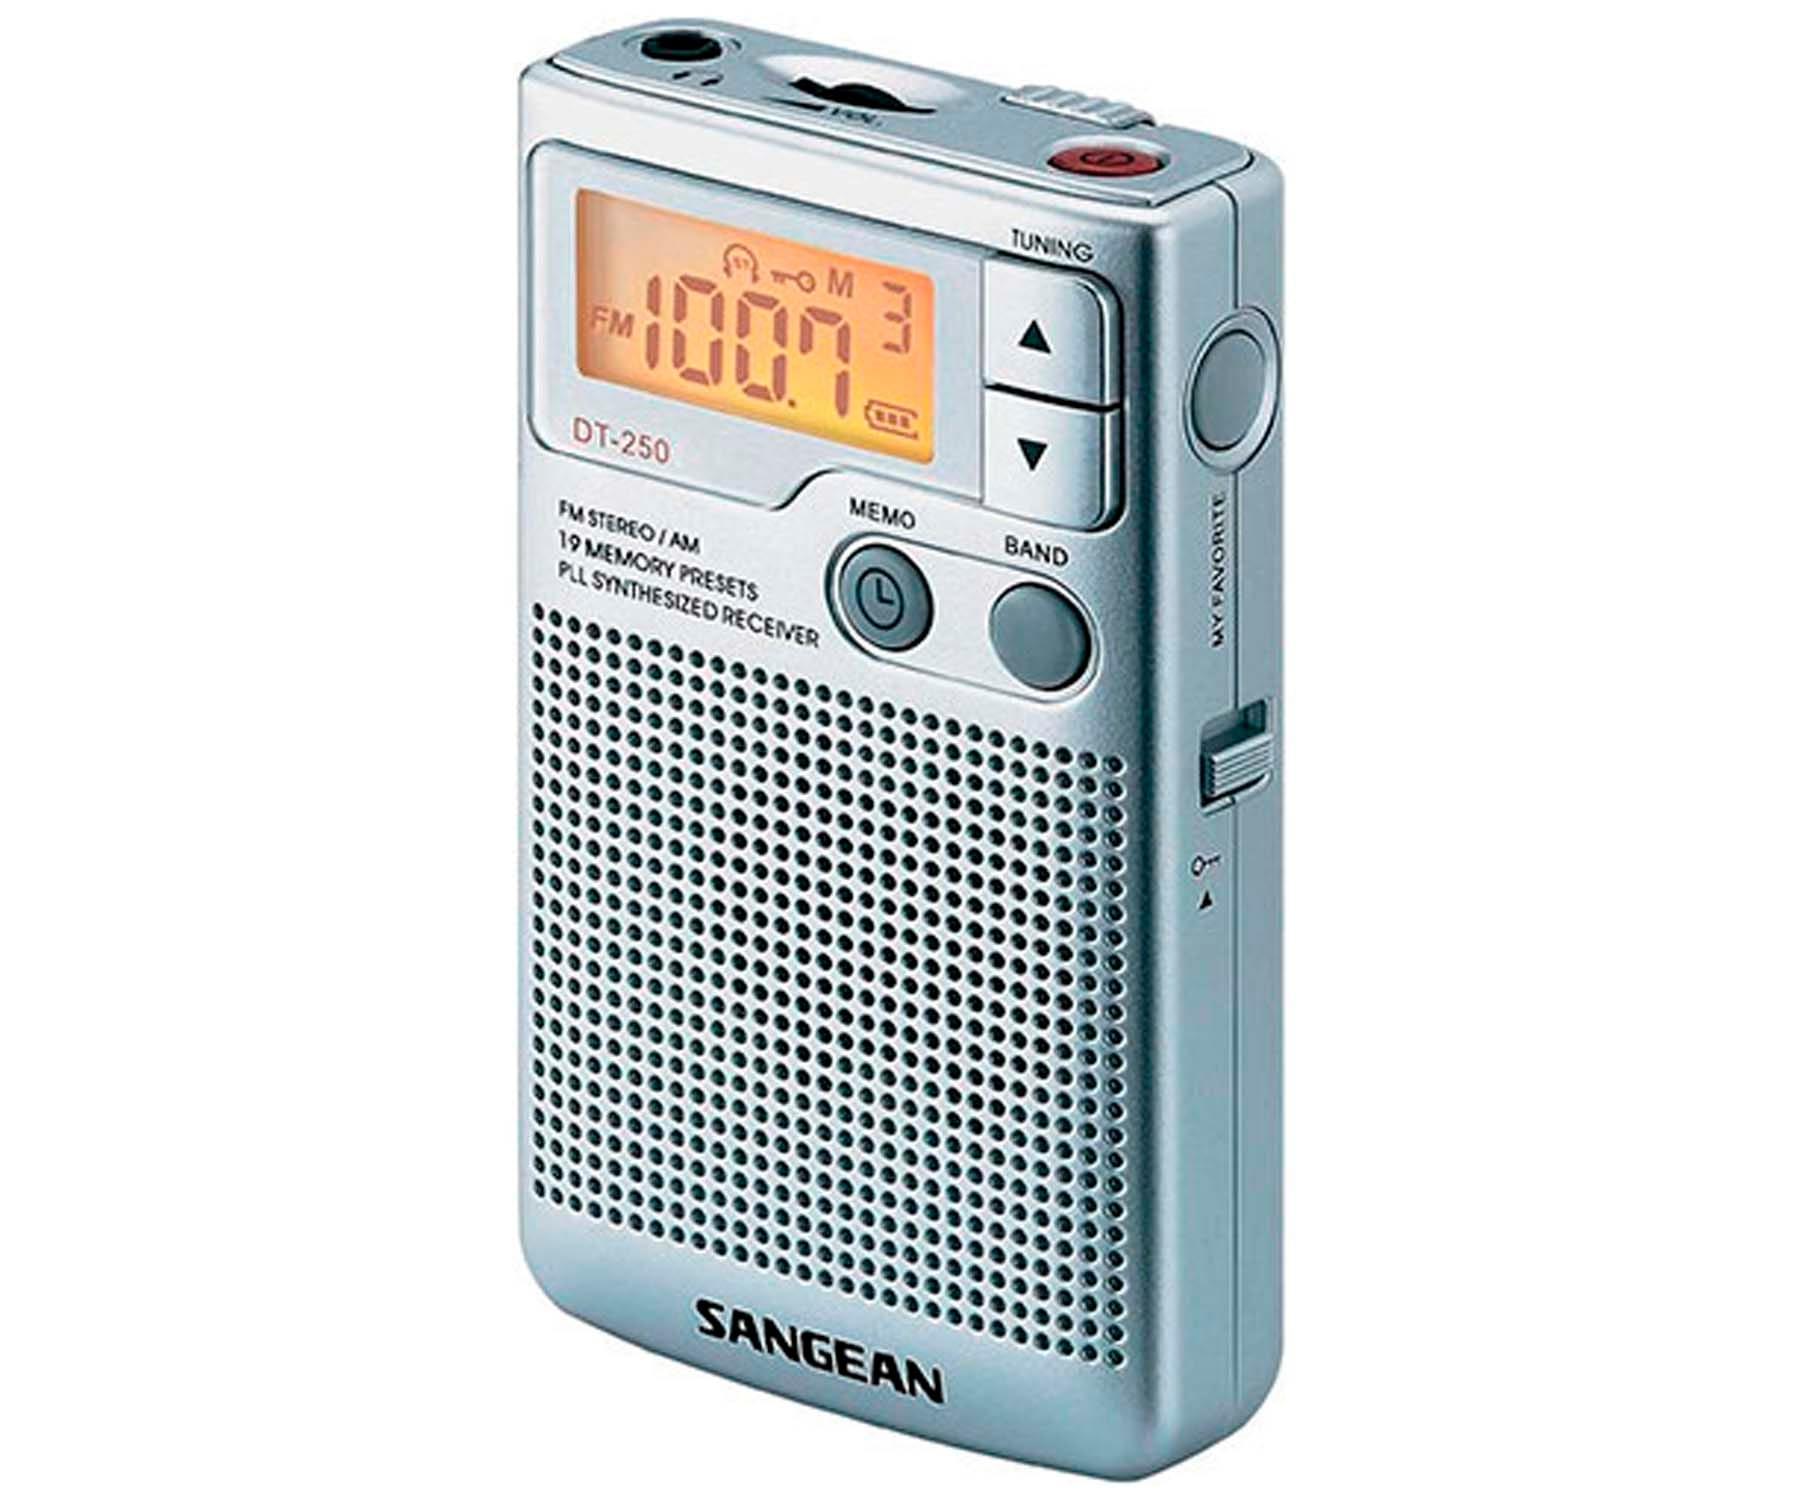 SANGEAN DT-250 PLATA RADIO PORTÁTIL AM/FM DBB CON ALTAVOZ